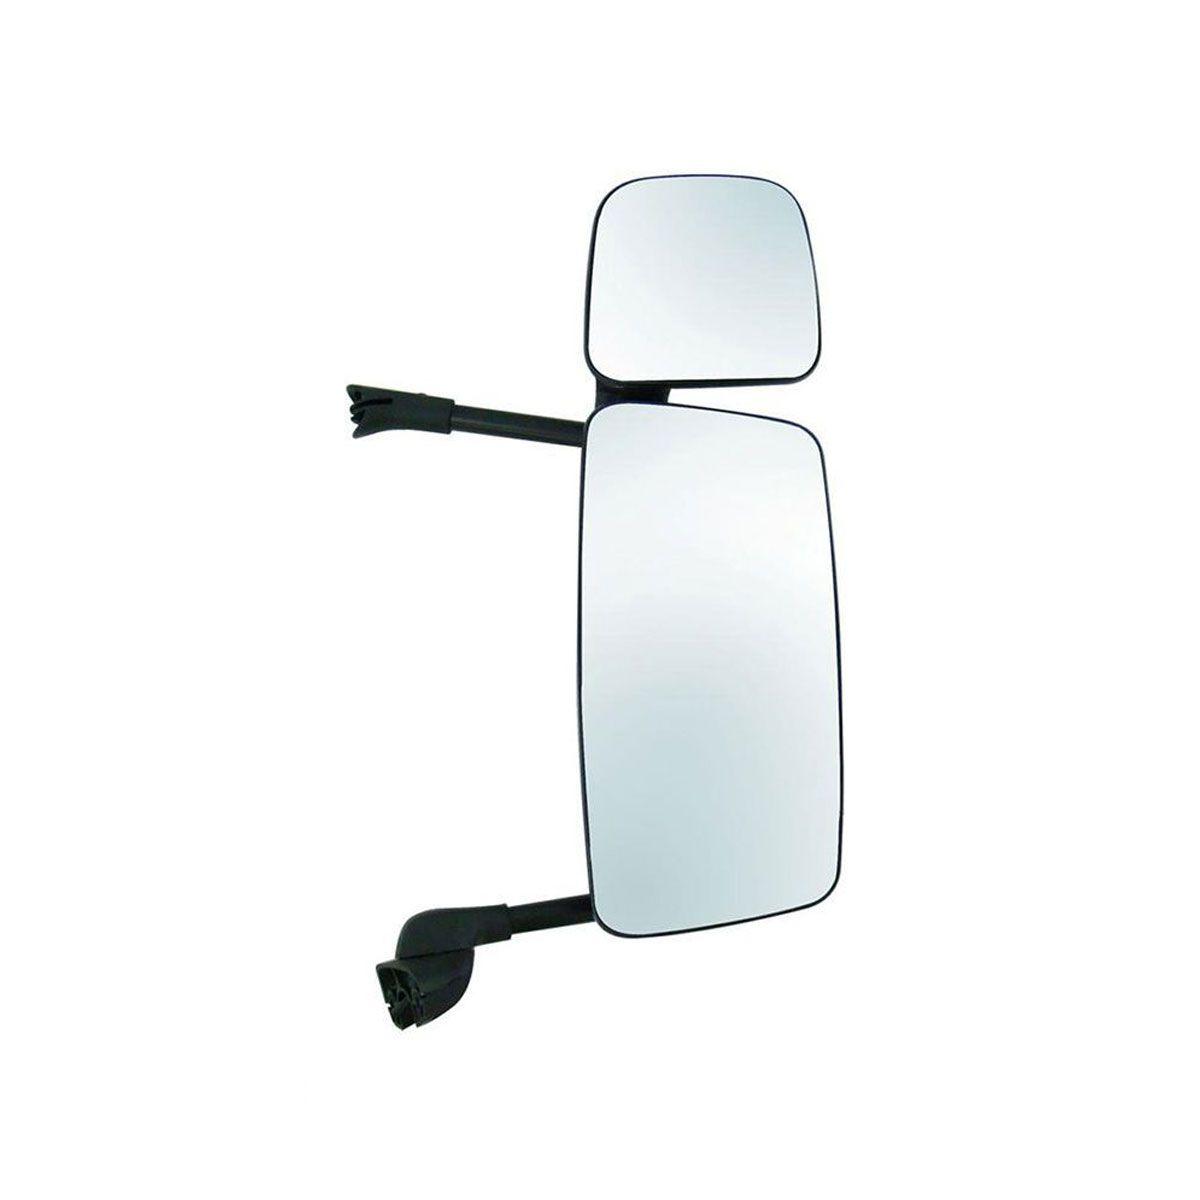 Espelho Completo S5 Economico Lado Direito com Auxilar e com Desembaçador 1484042